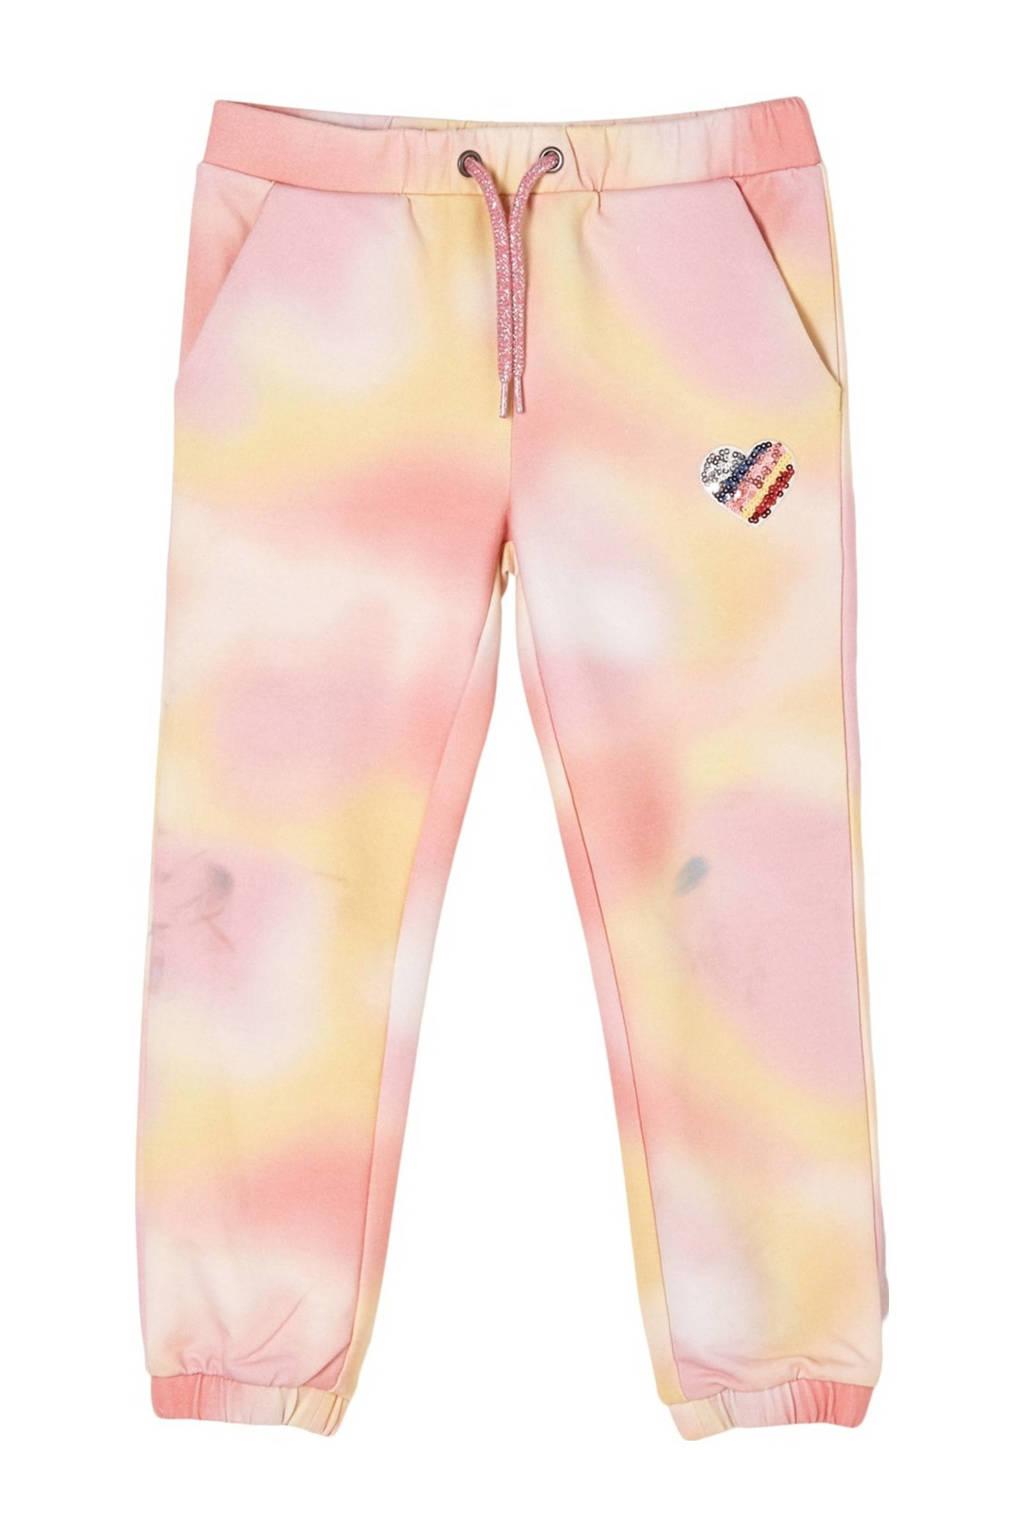 s.Oliver tie-dyeregular fit joggingbroek geel/oranje/roze